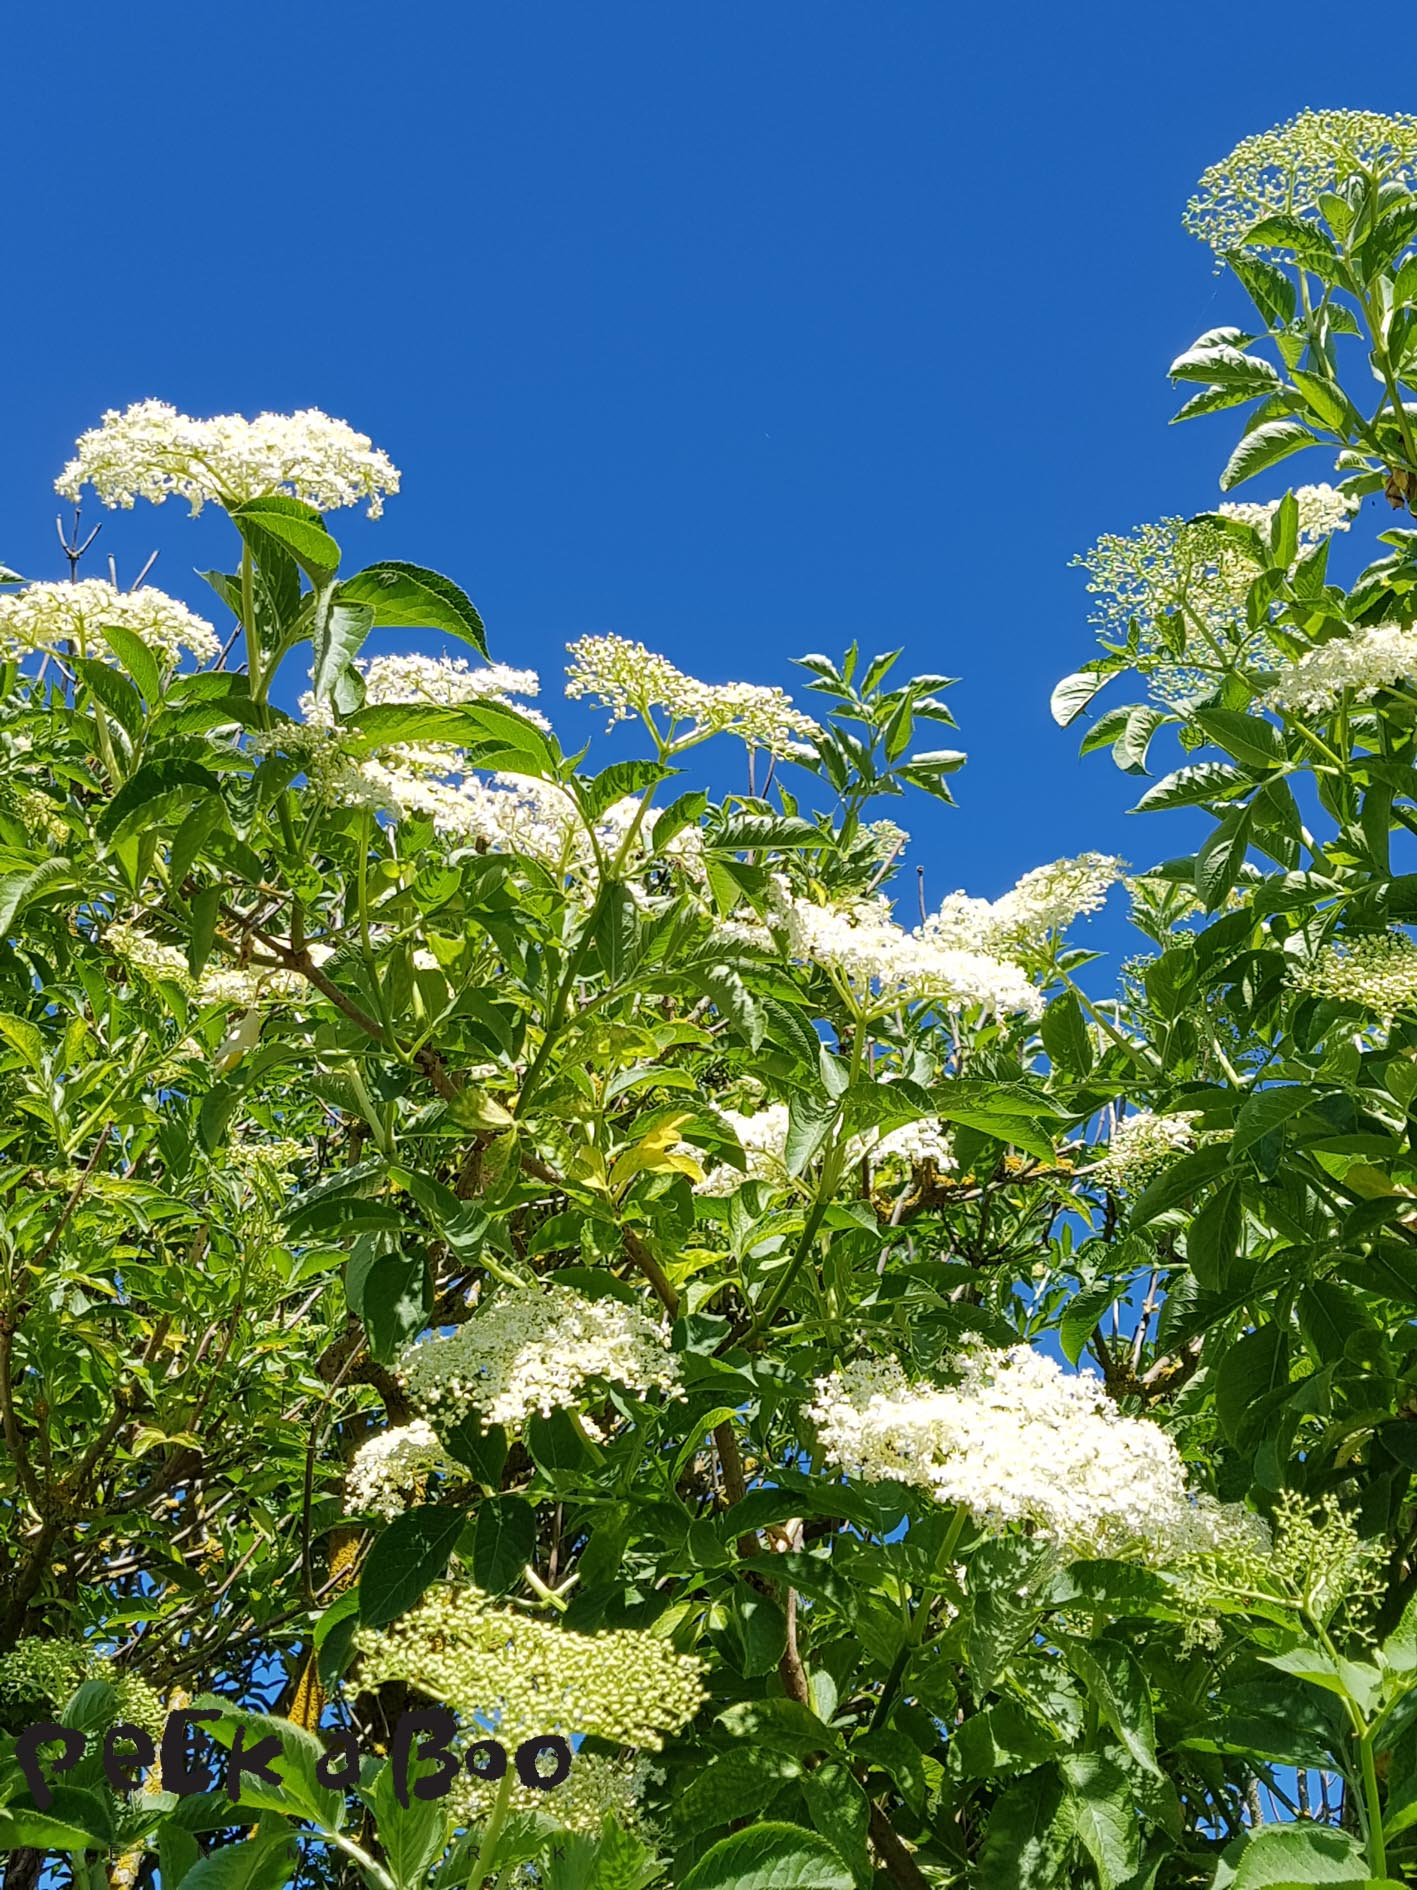 Blue sky and elderflowers in bloom. #peekaboonature #beautifulplanetdk